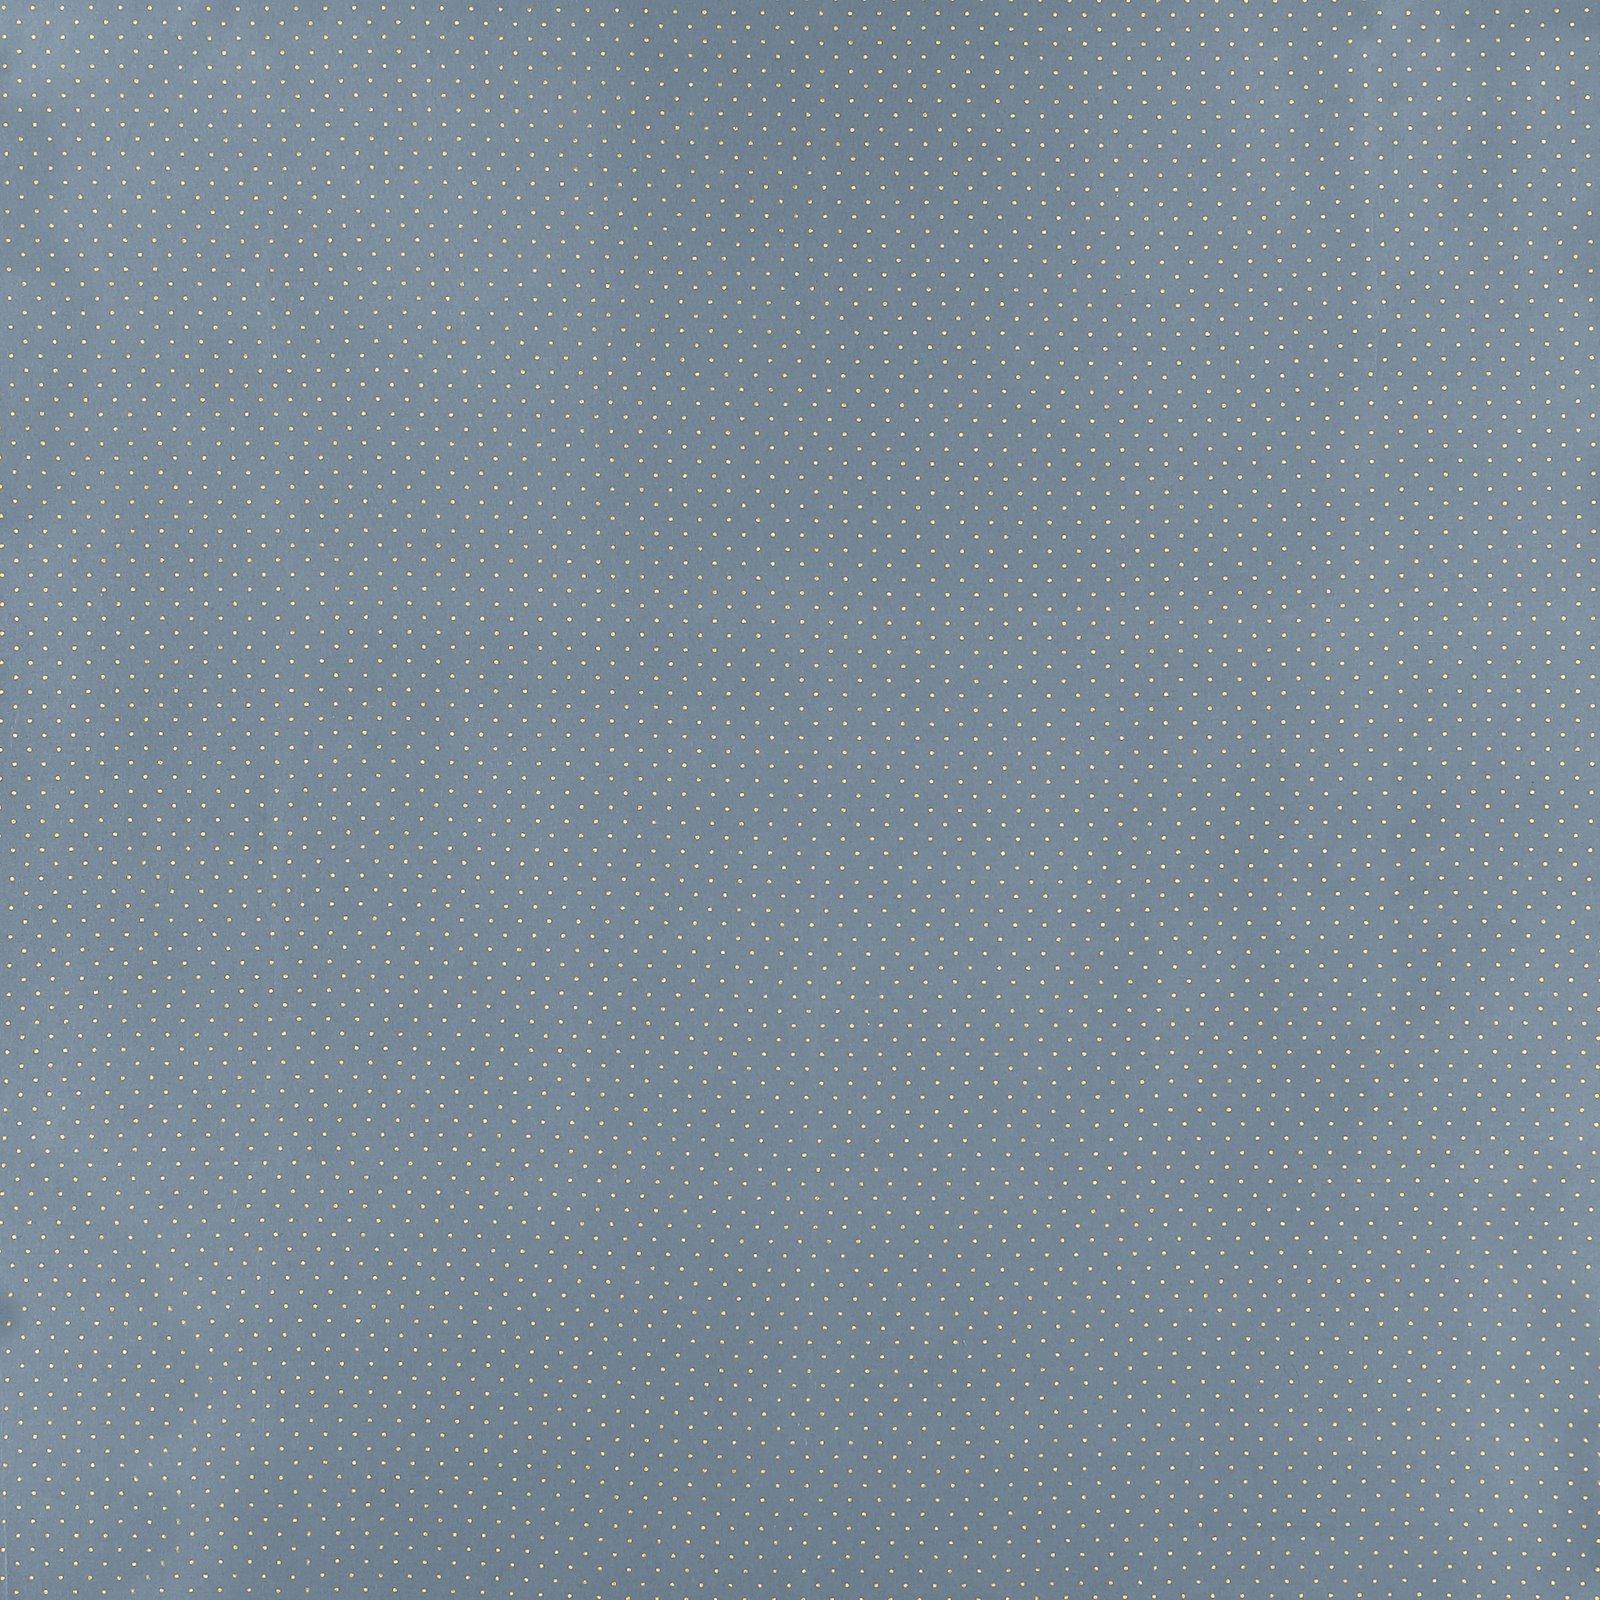 Baumwolle, Blaugrau mit goldenen Punkten 852412_pack_sp